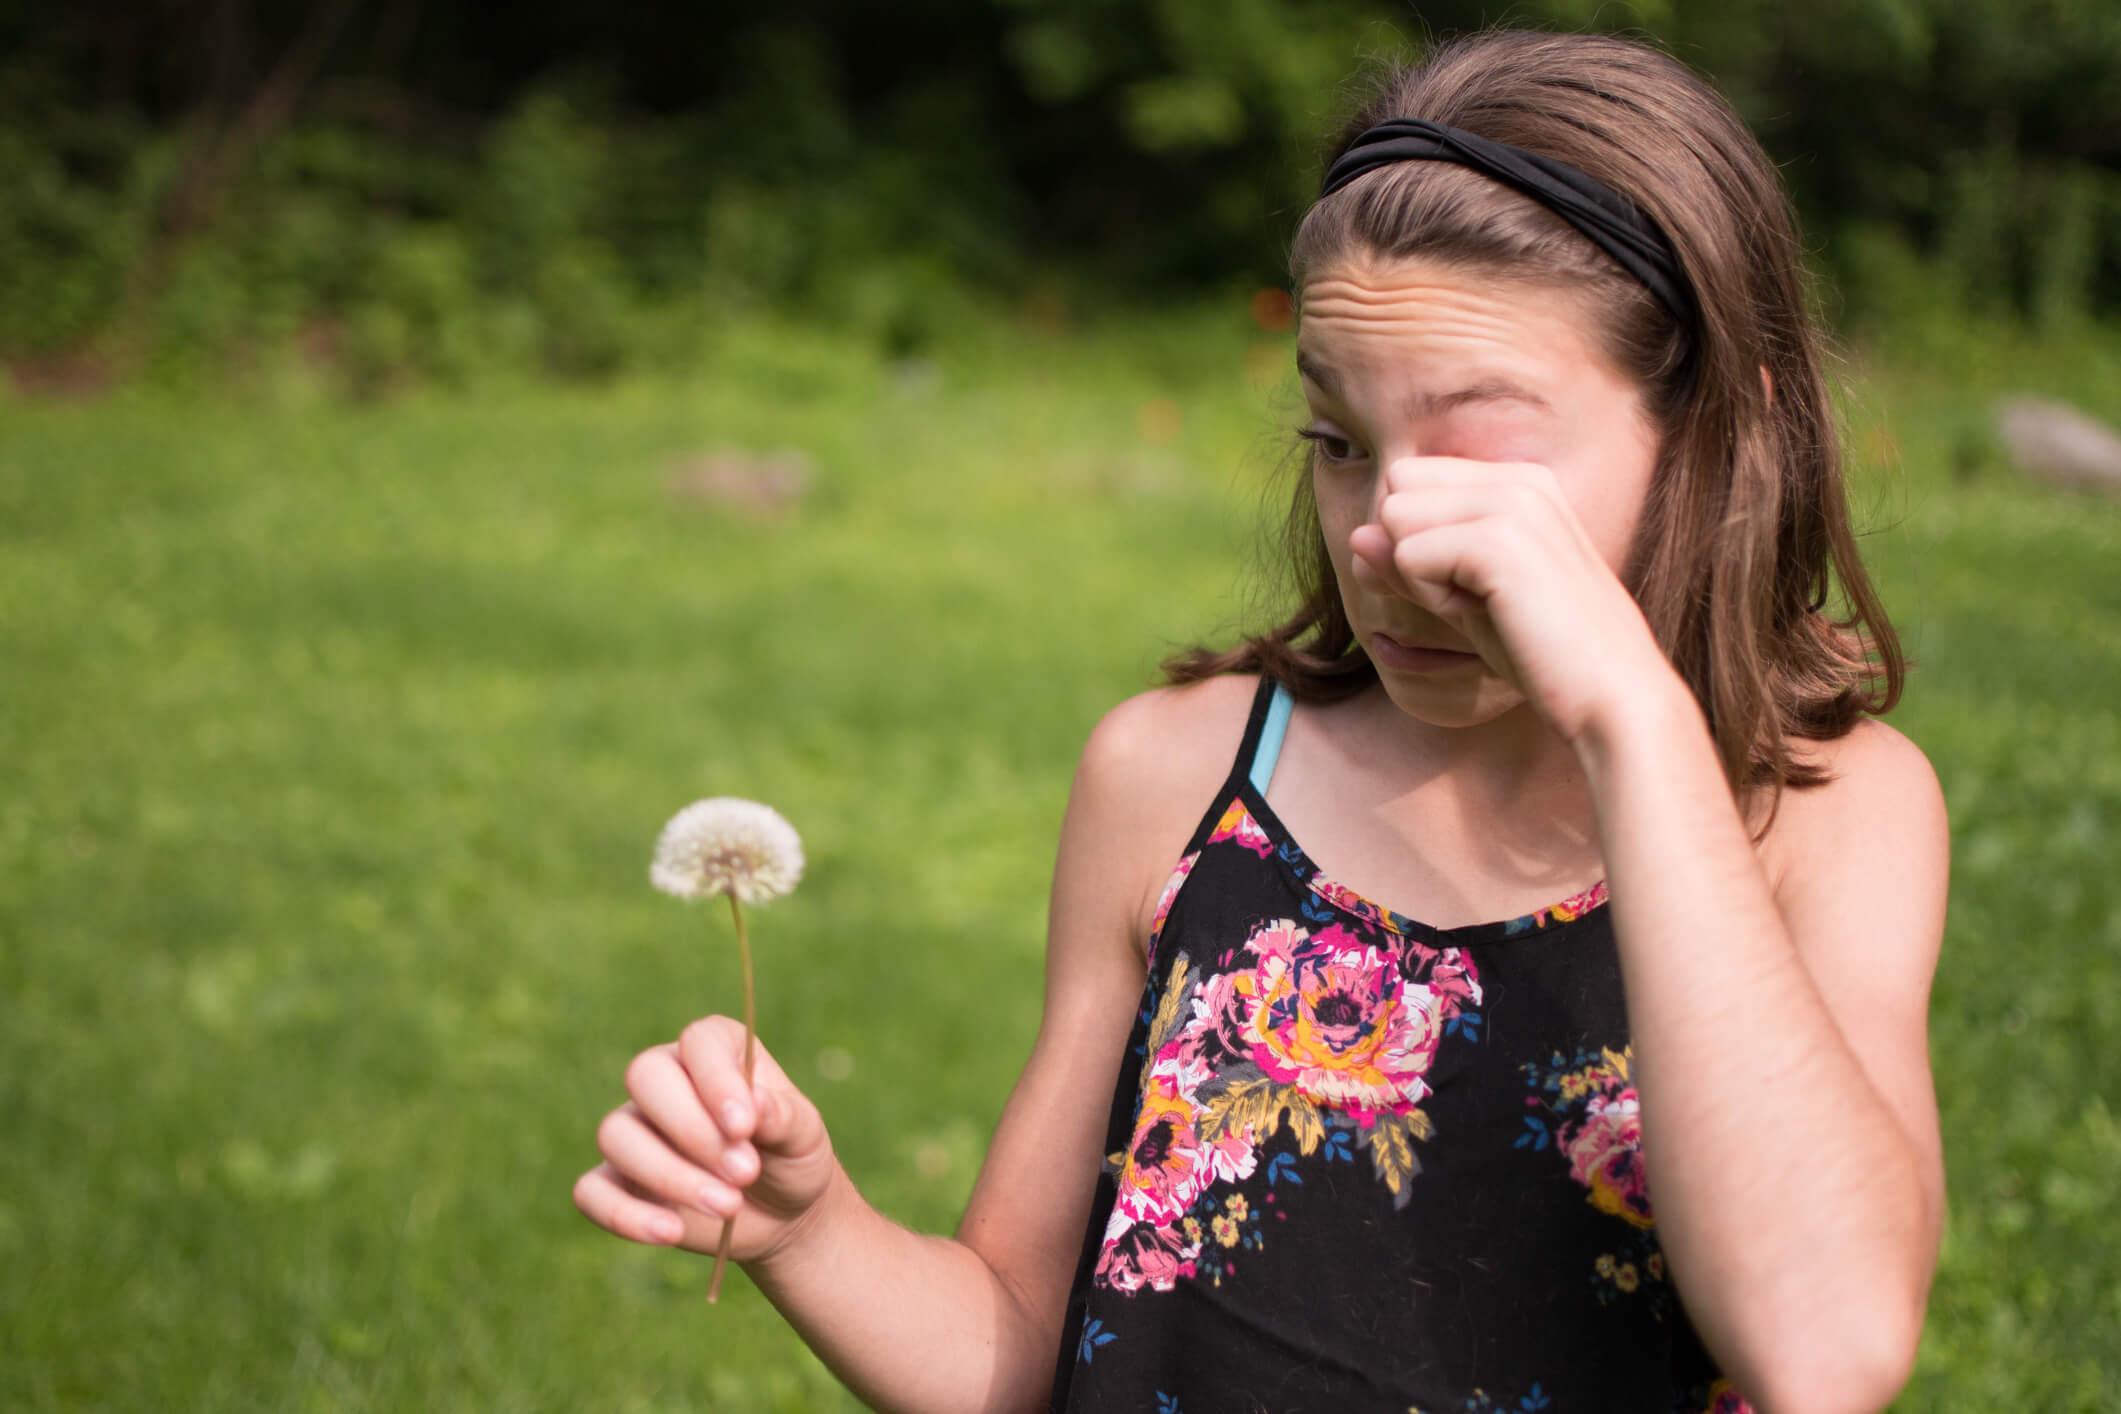 conjonctivite allergie